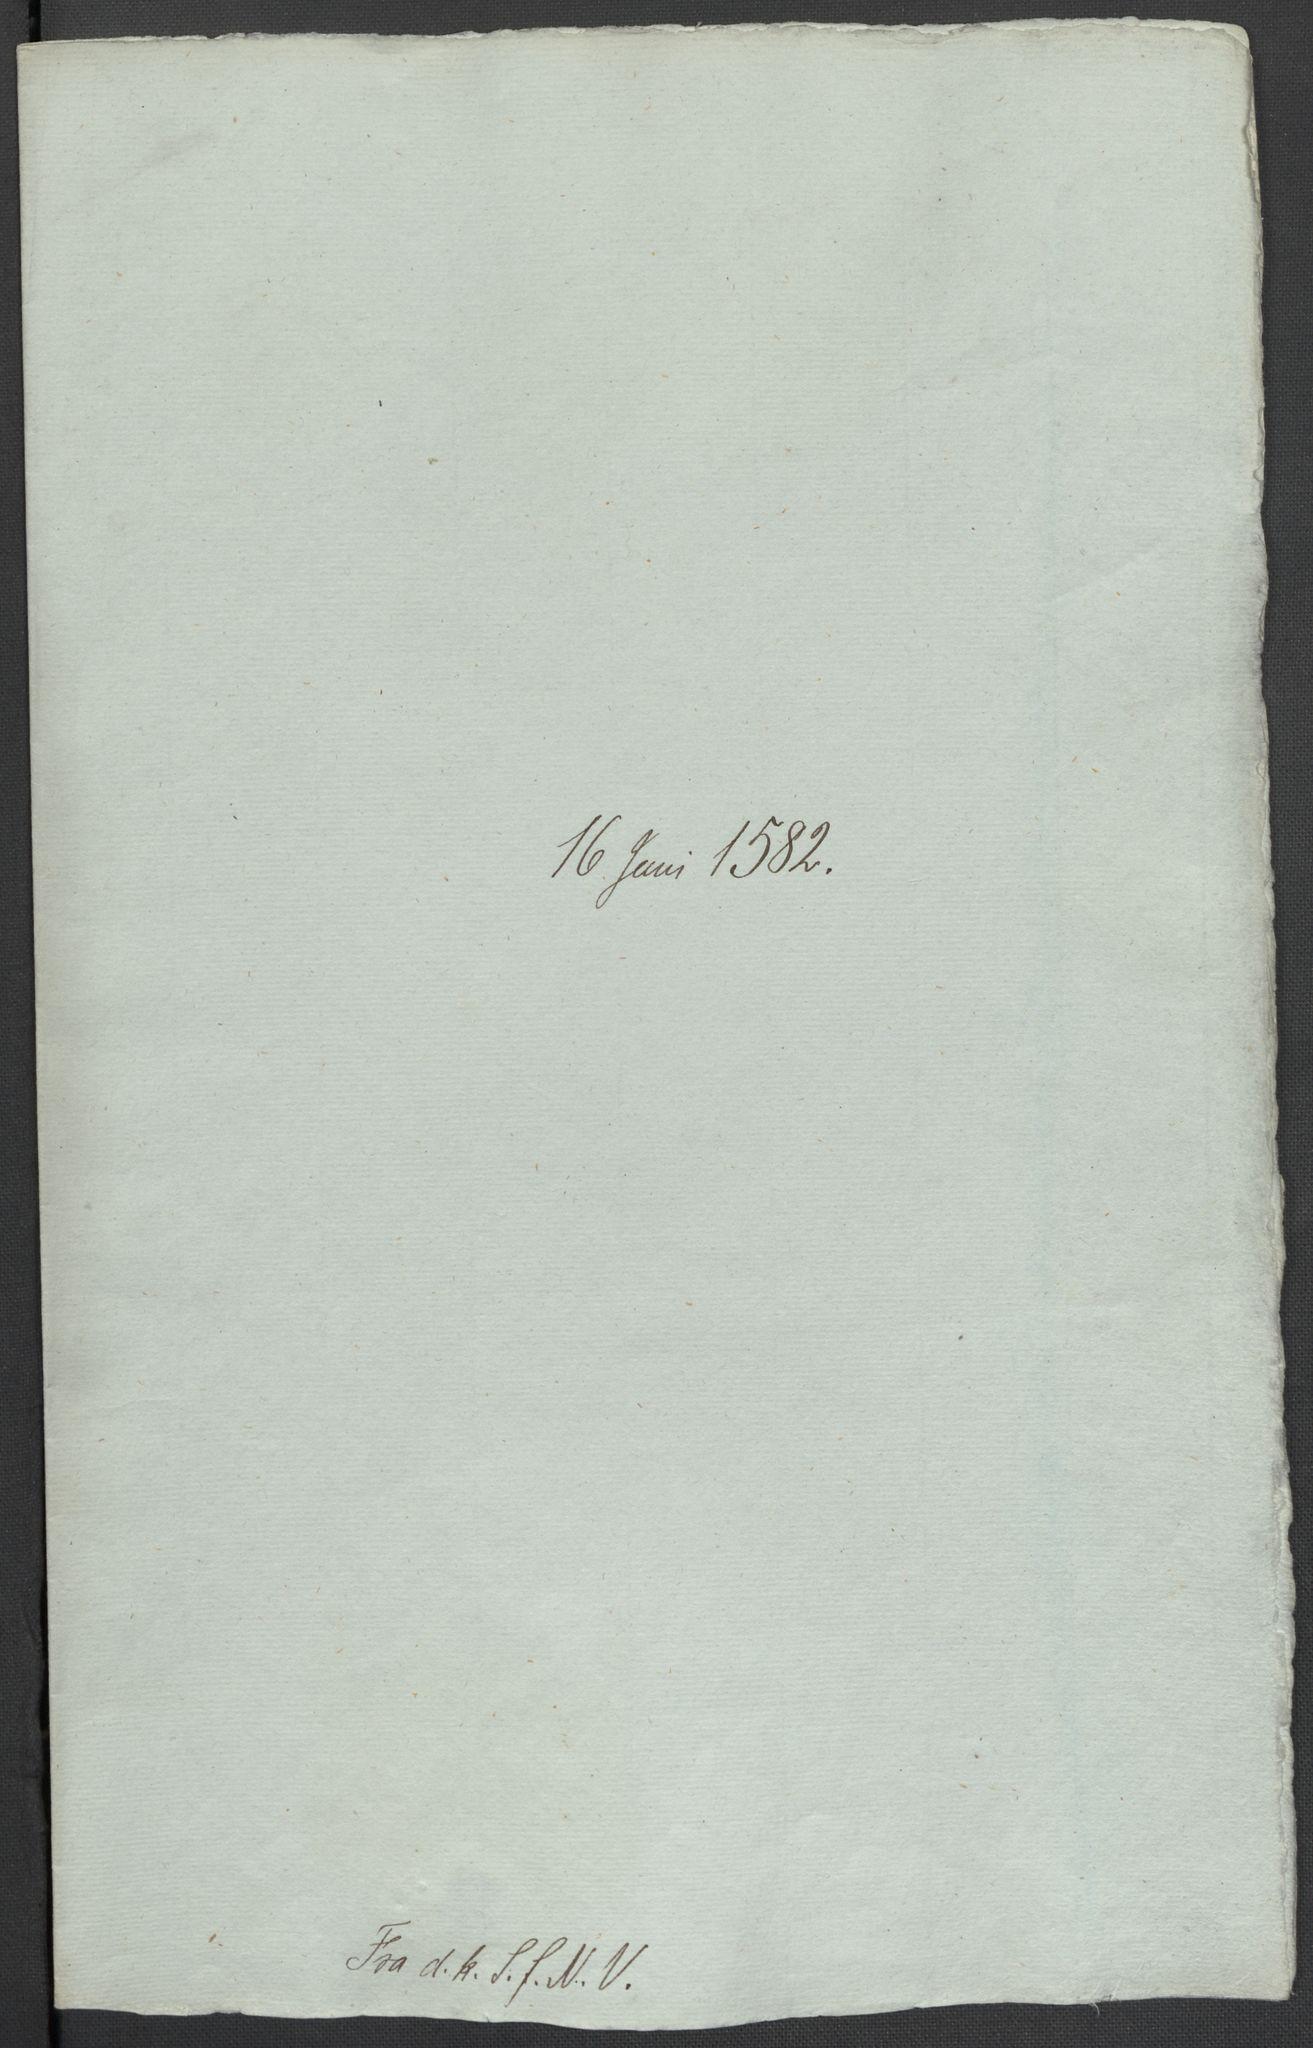 RA, Riksarkivets diplomsamling, F02/L0084: Dokumenter, 1582, s. 27